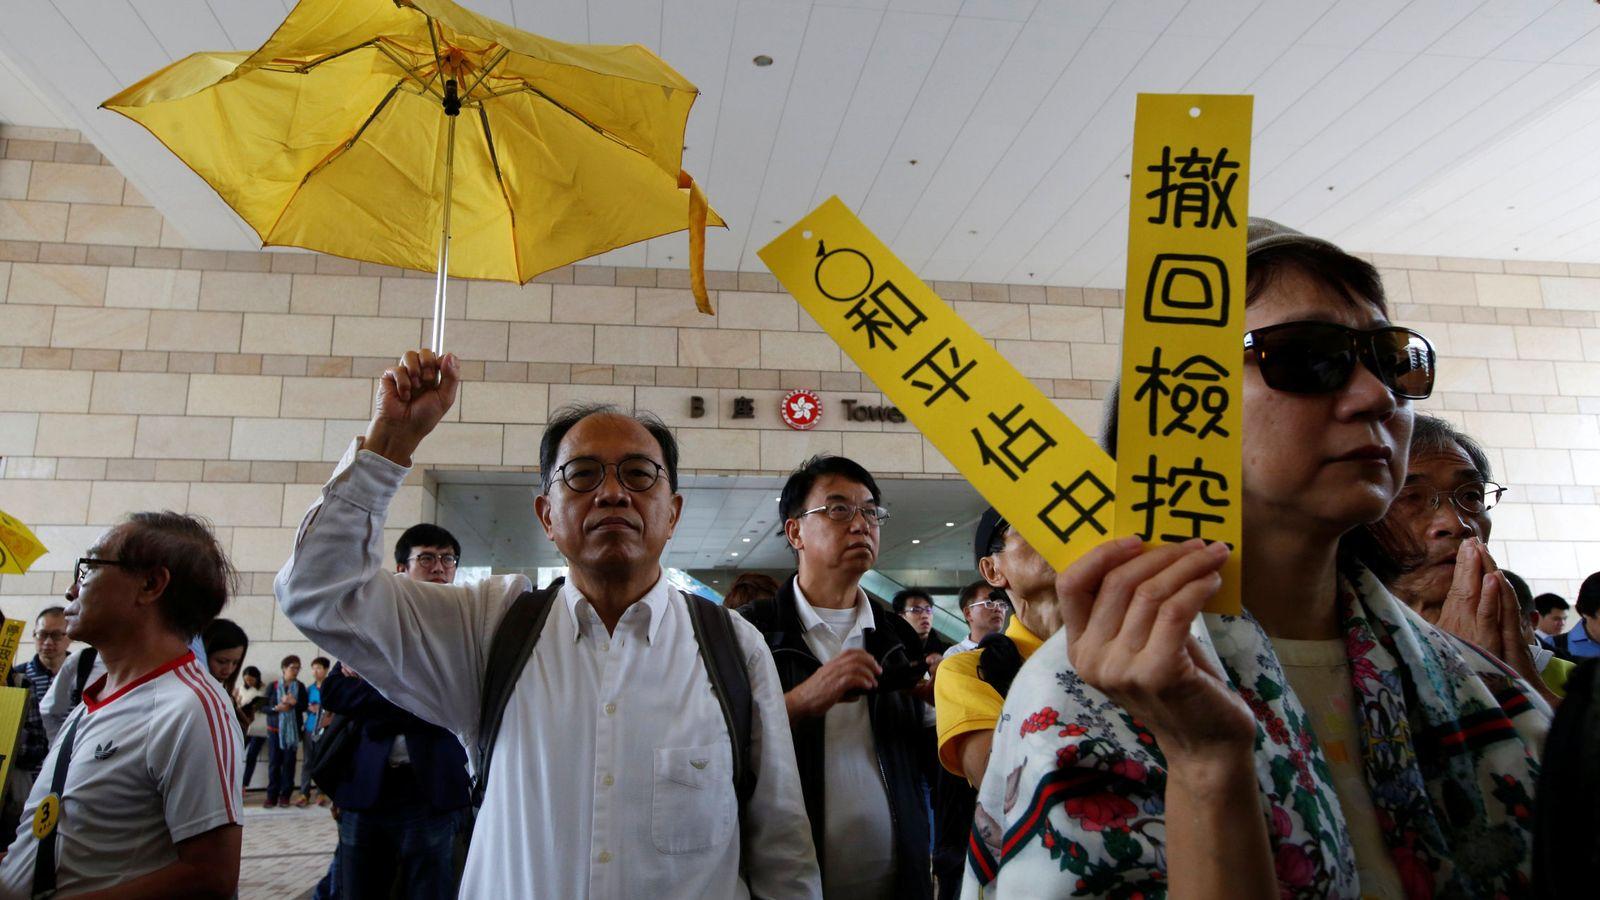 Foto: Partidaros del movimiento prodemocracia Occupy Central se manifiestan frente al tribunal que juzga a sus líderes, en Hong Kong, el 19 de noviembre de 2018. (Reuters)